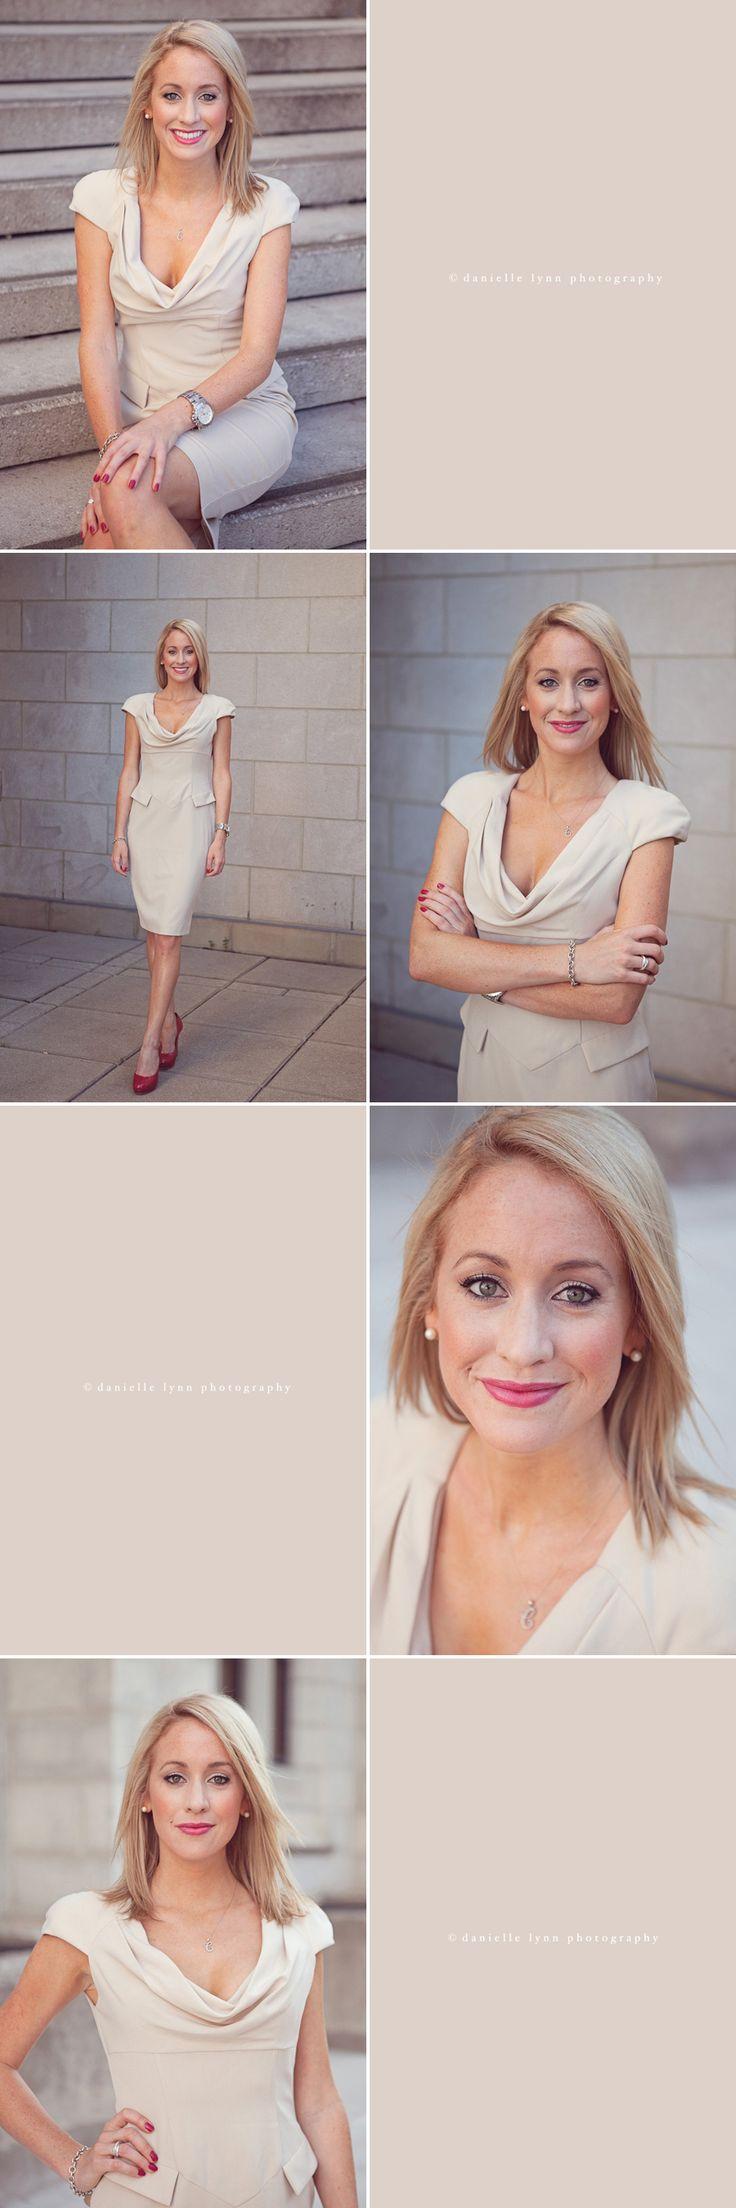 Foto: Modernes Business Portrait, gute Variation Make-up: medium Kleidung:  gut gewählt für die Dame